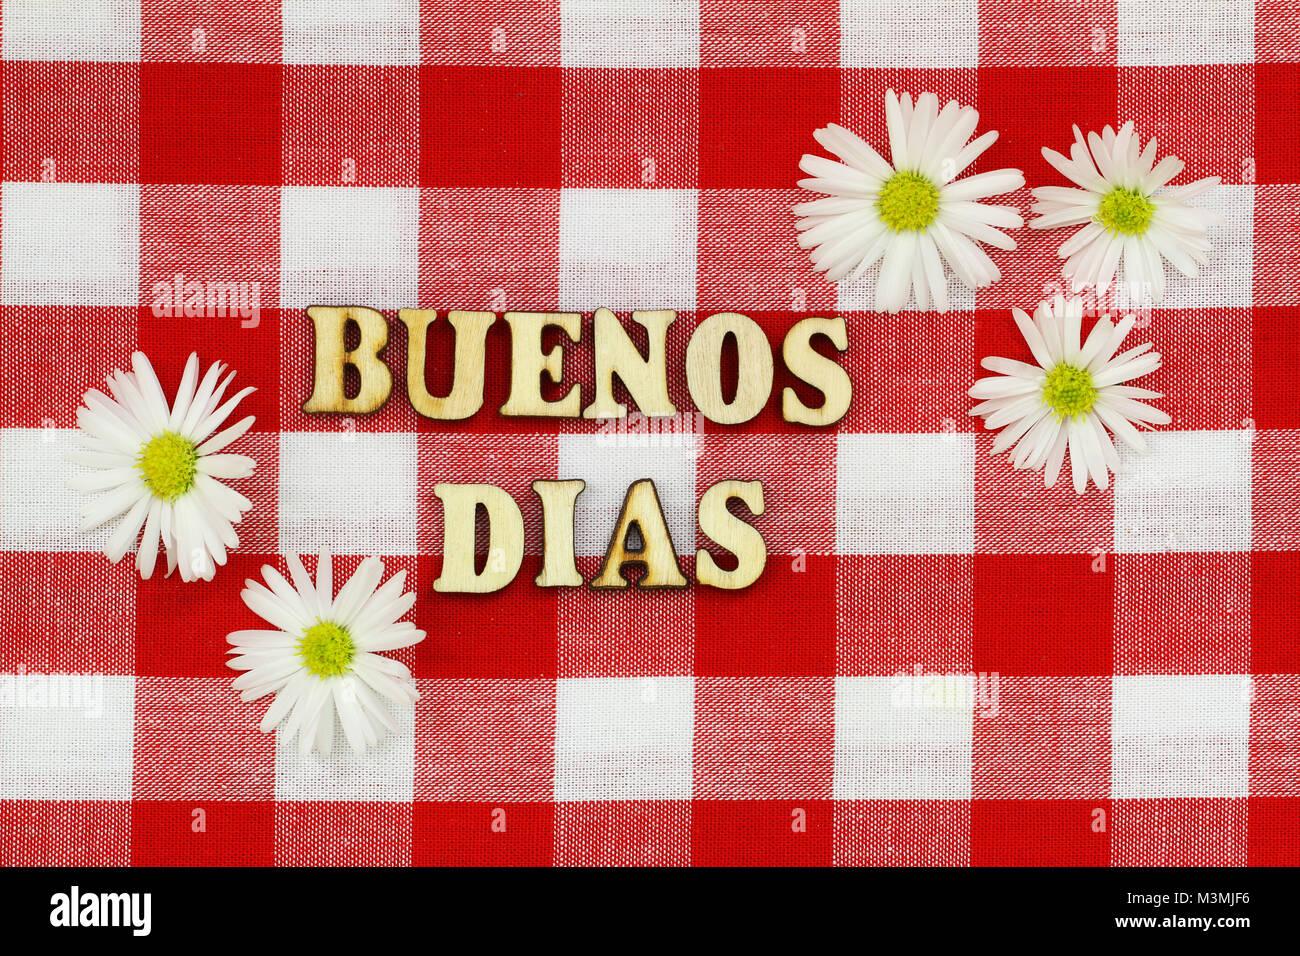 Buenos Dias Guten Morgen In Spanisch Mit Holz Buchstaben